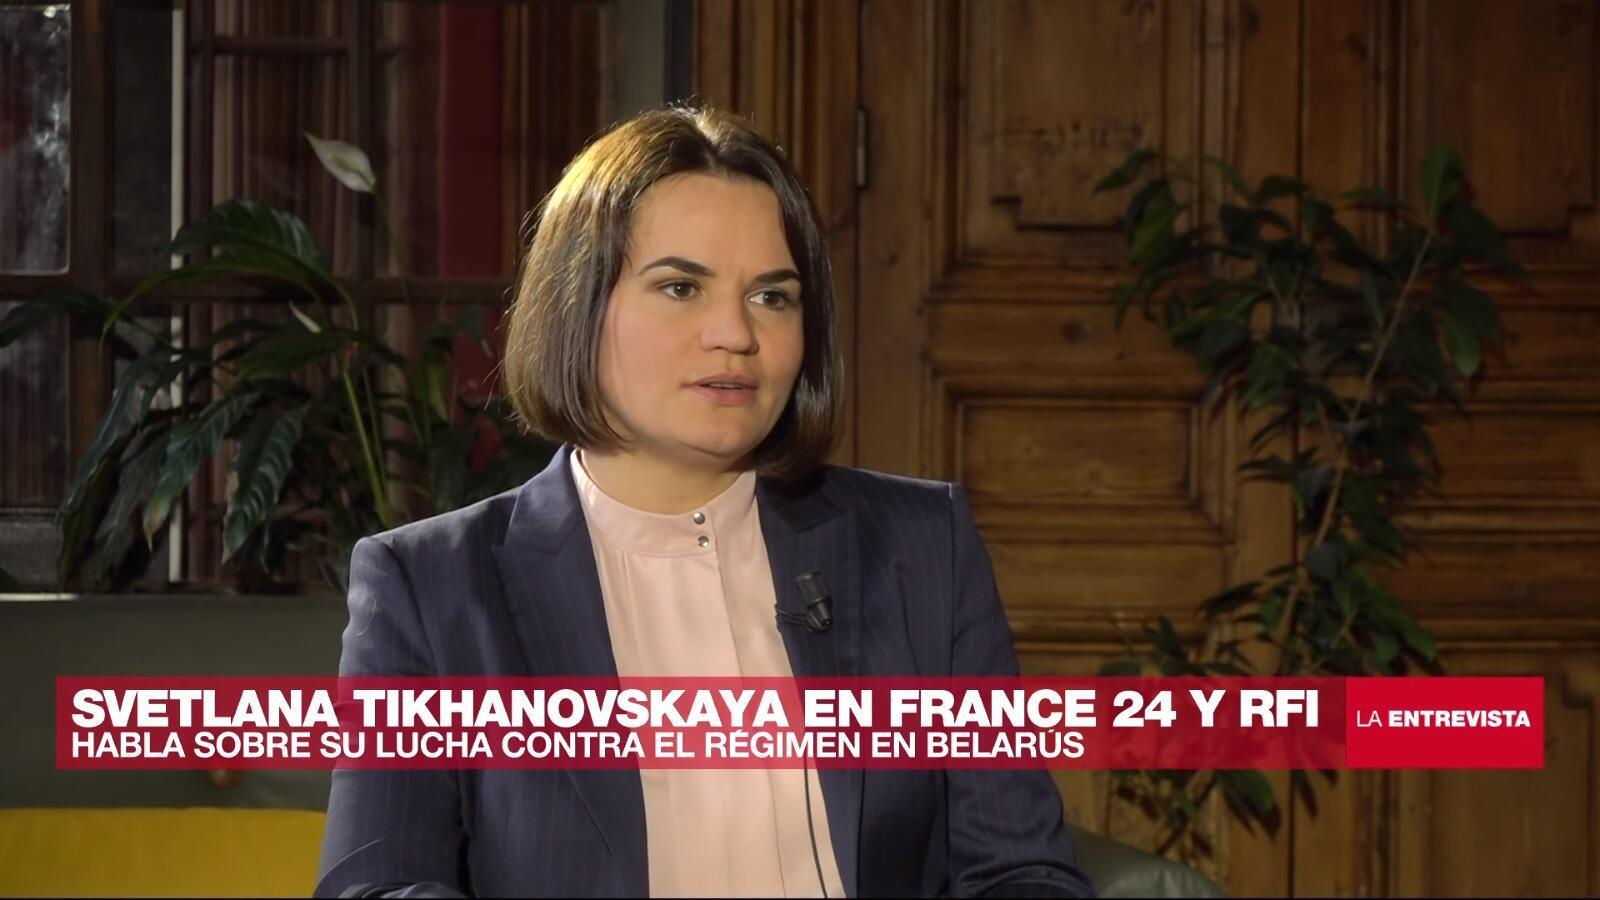 La Entrevista - Svetlana Tikhanovskaya